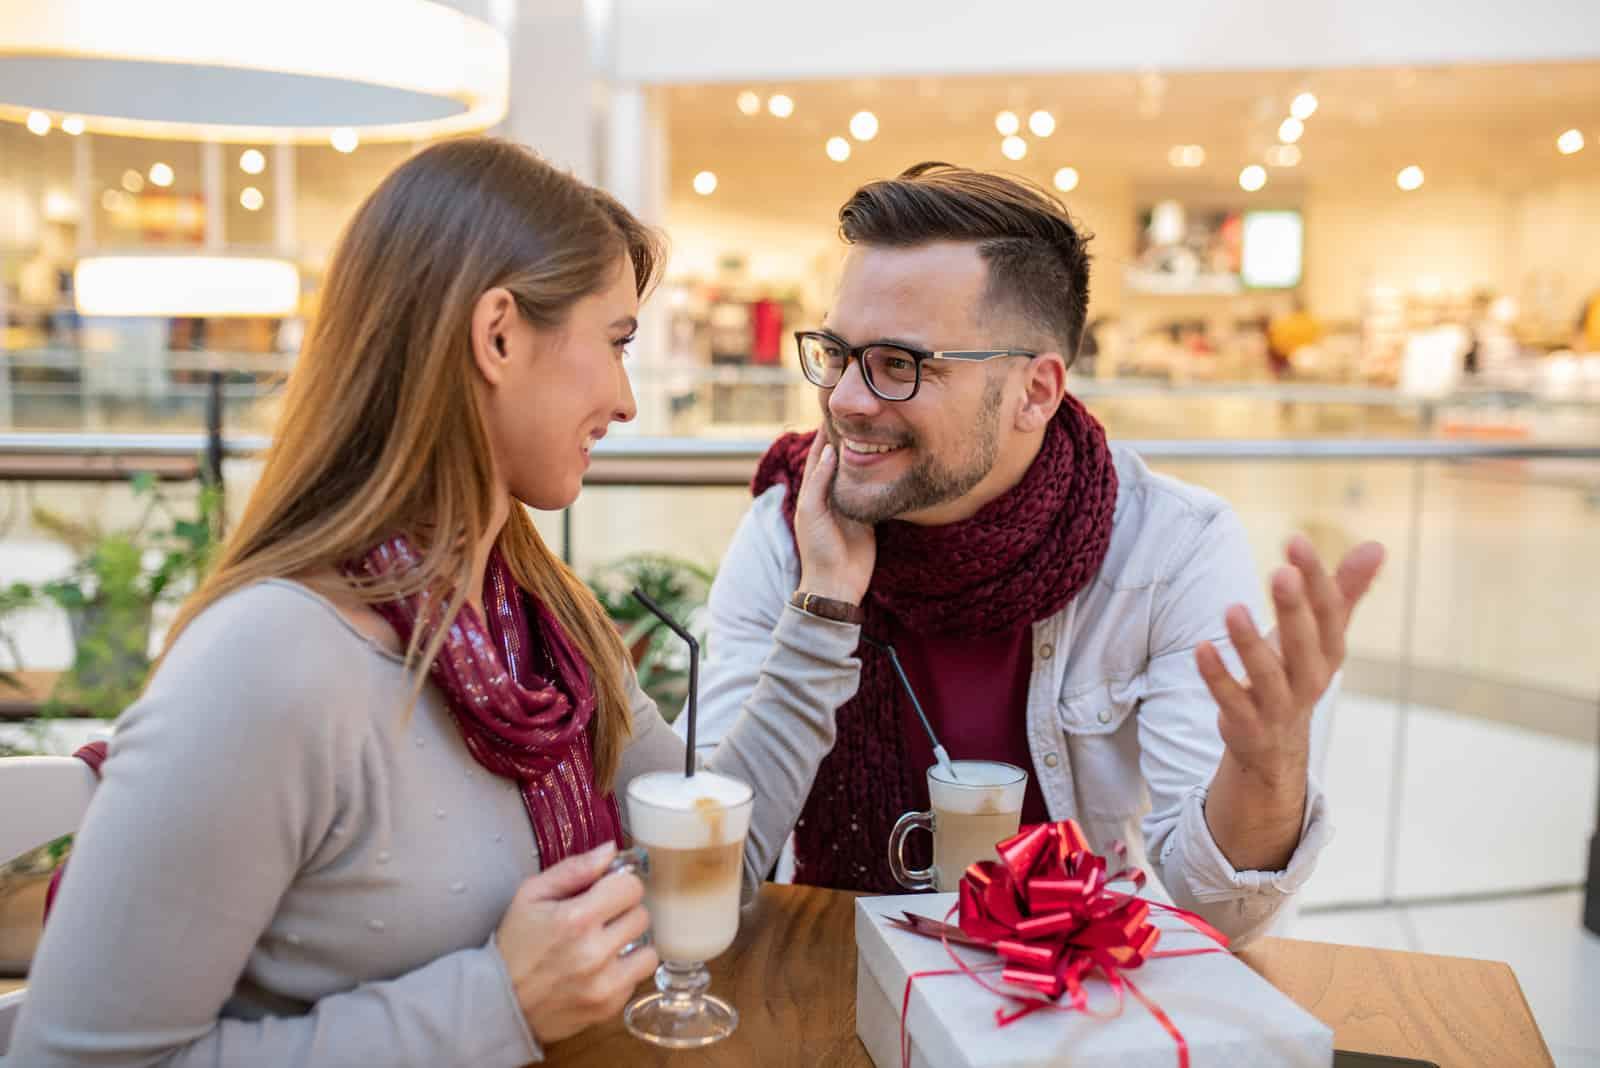 une femme touche un homme en buvant du chocolat chaud